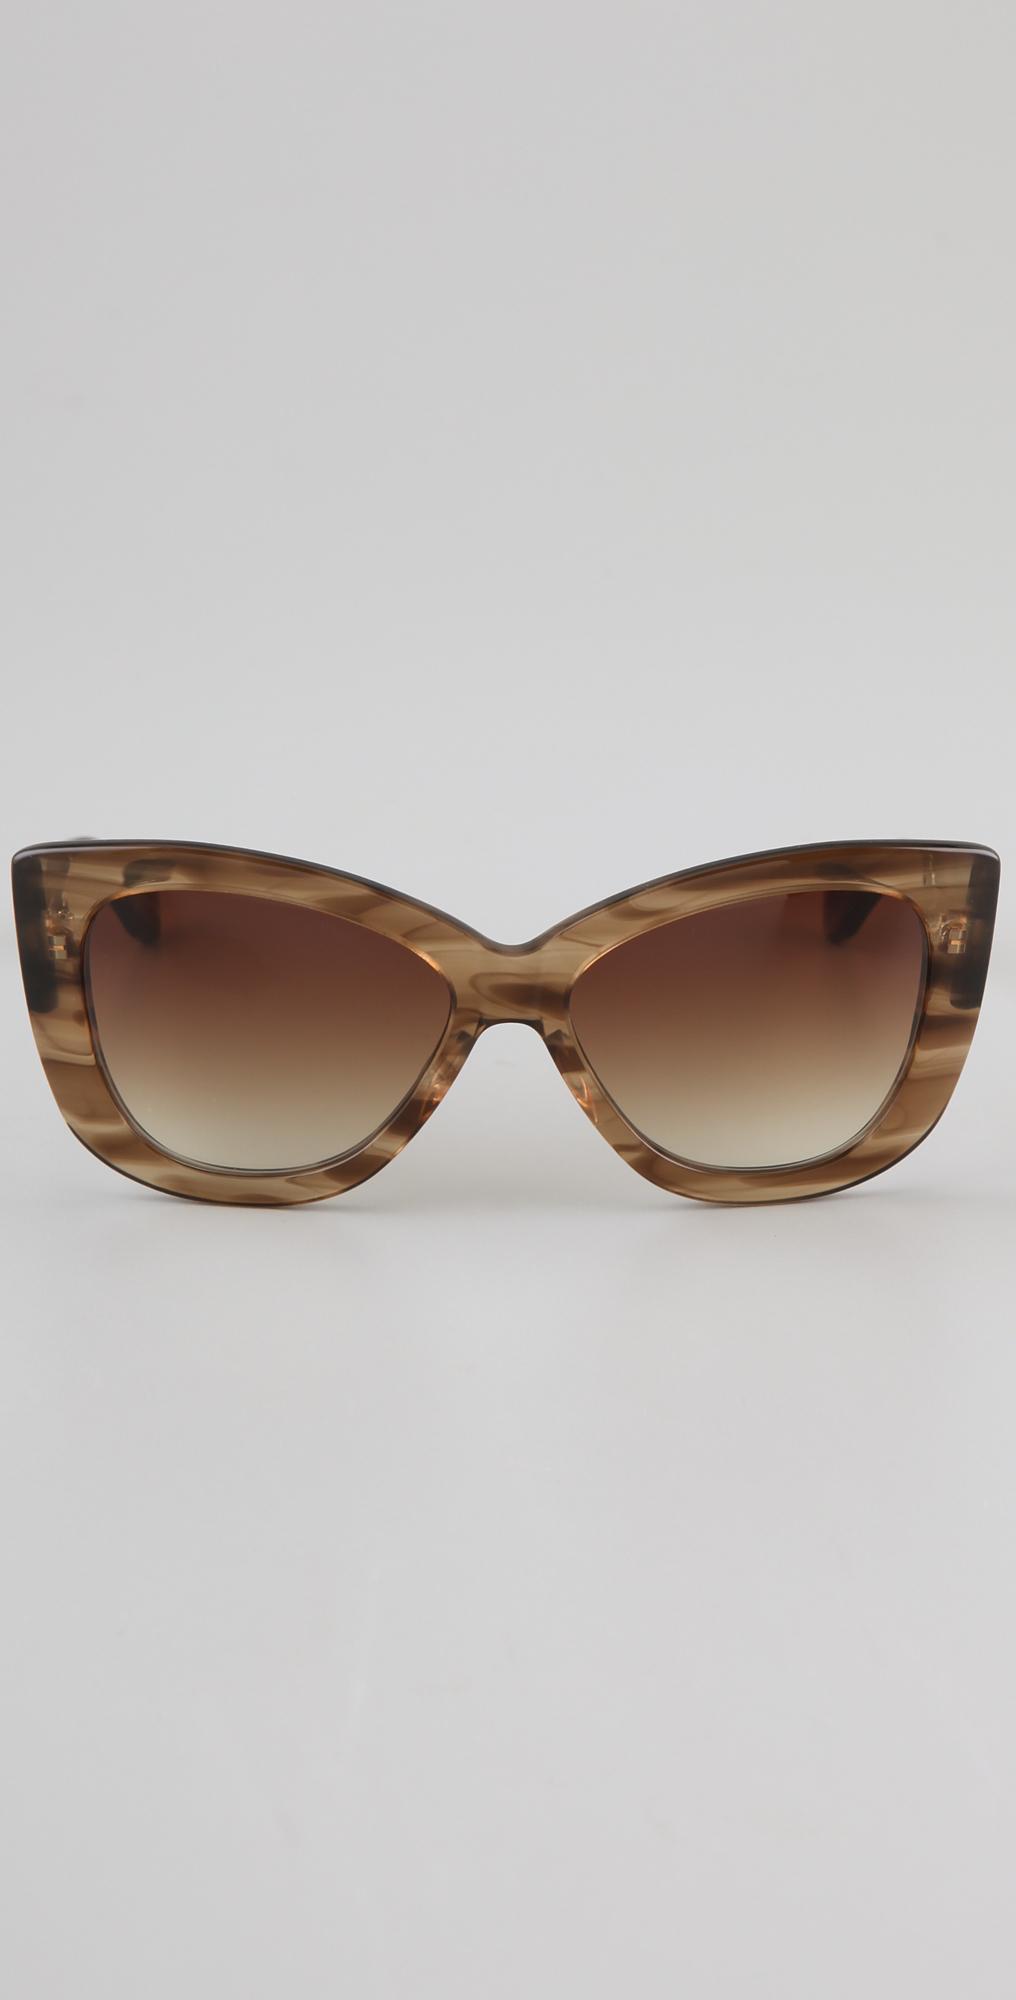 cbca721e324 Lyst - DITA Vesoul Sunglasses in Brown